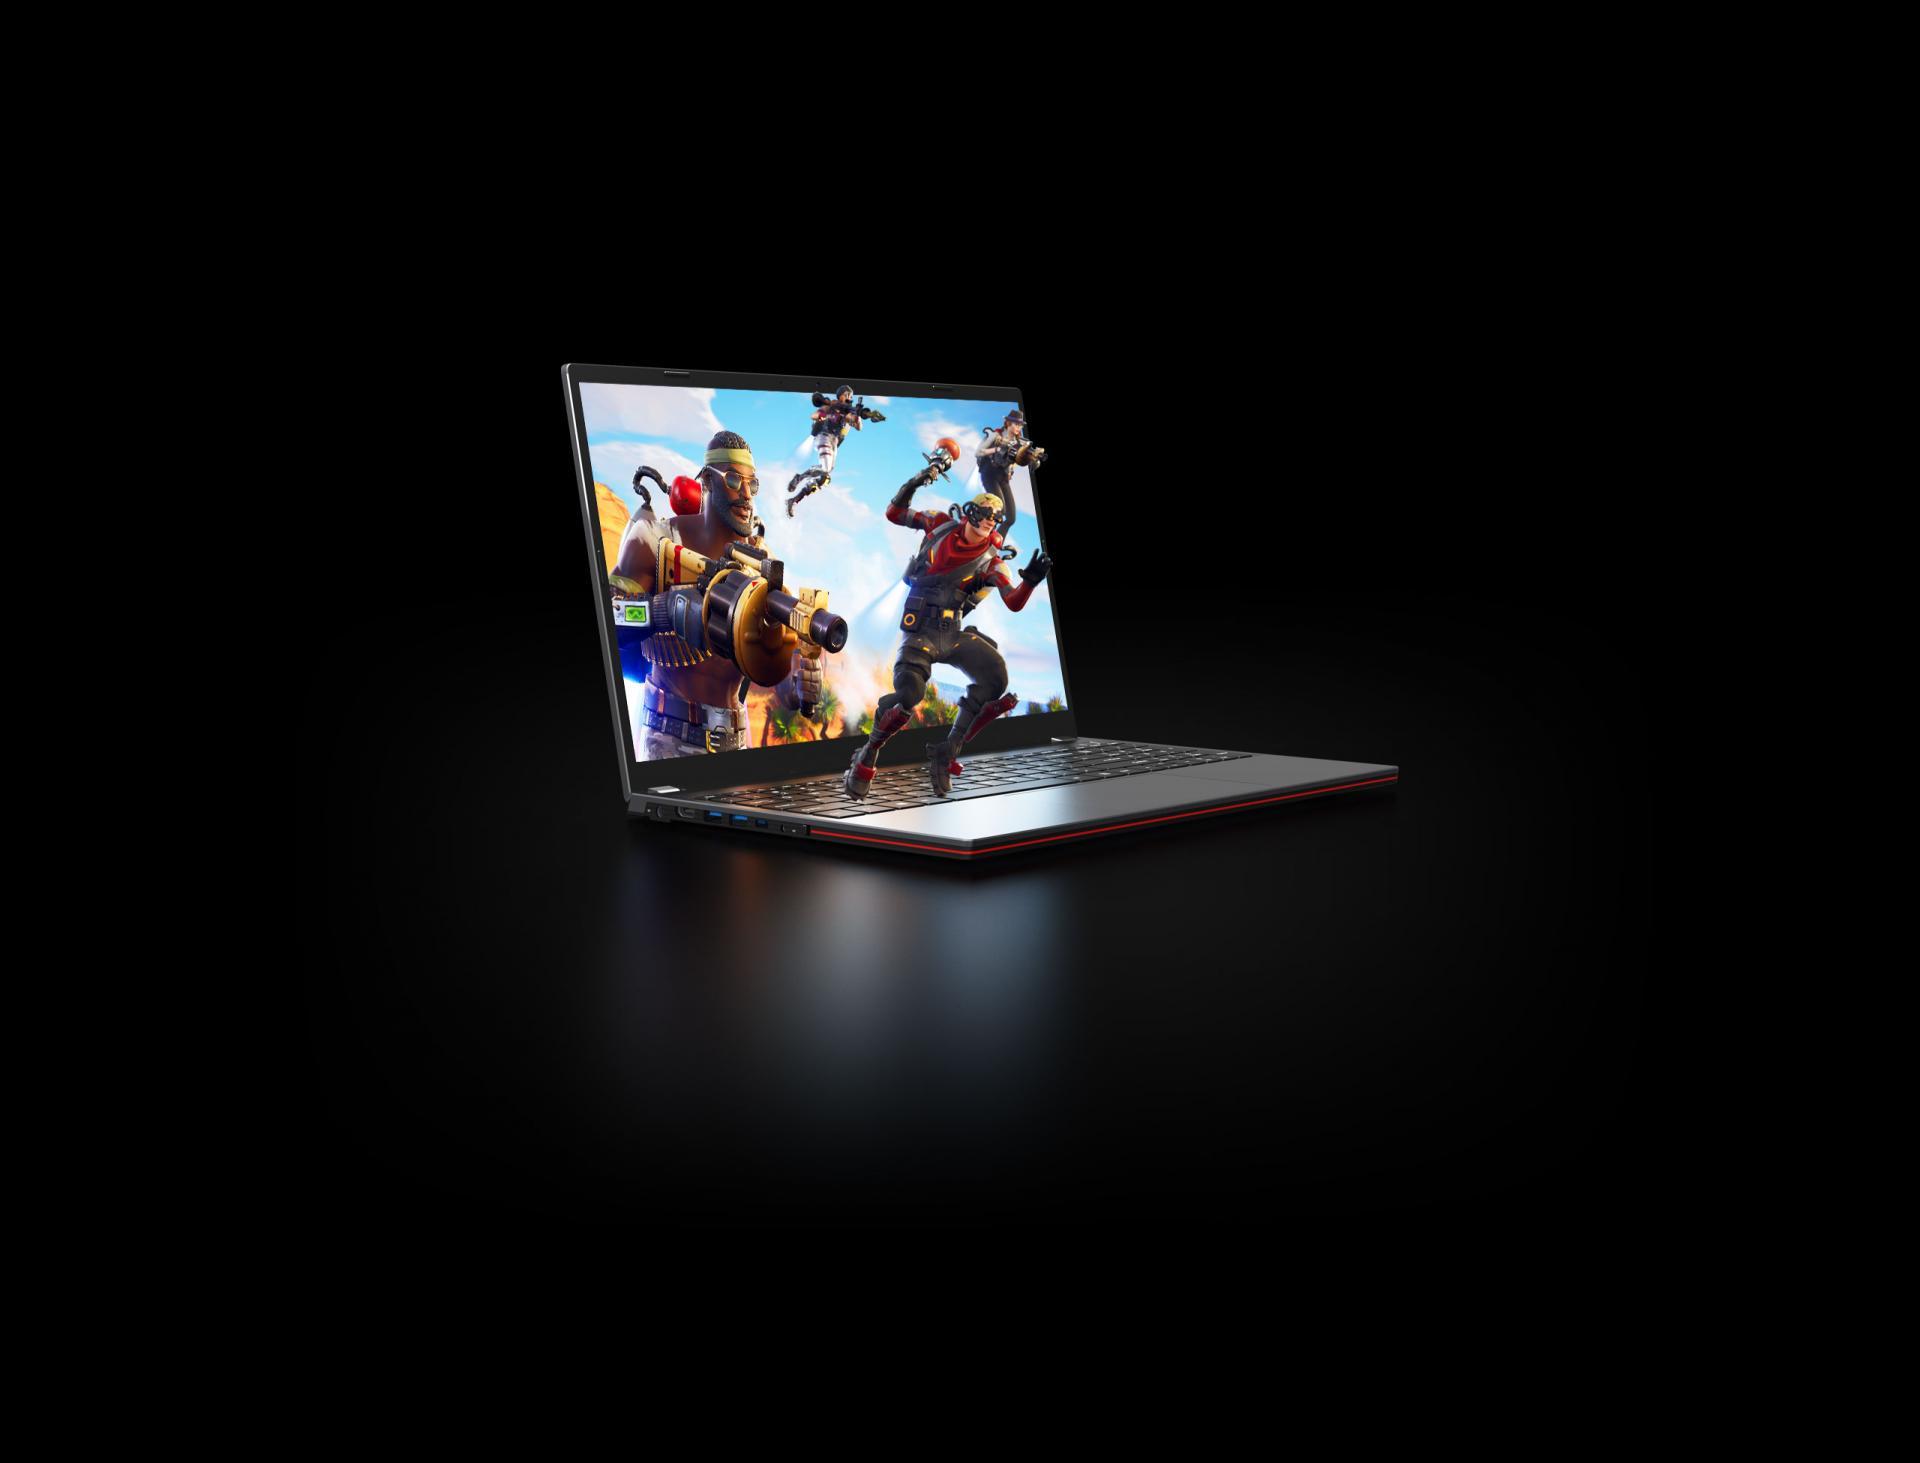 Chuwi готовит интересный ноутбук за600 долларов